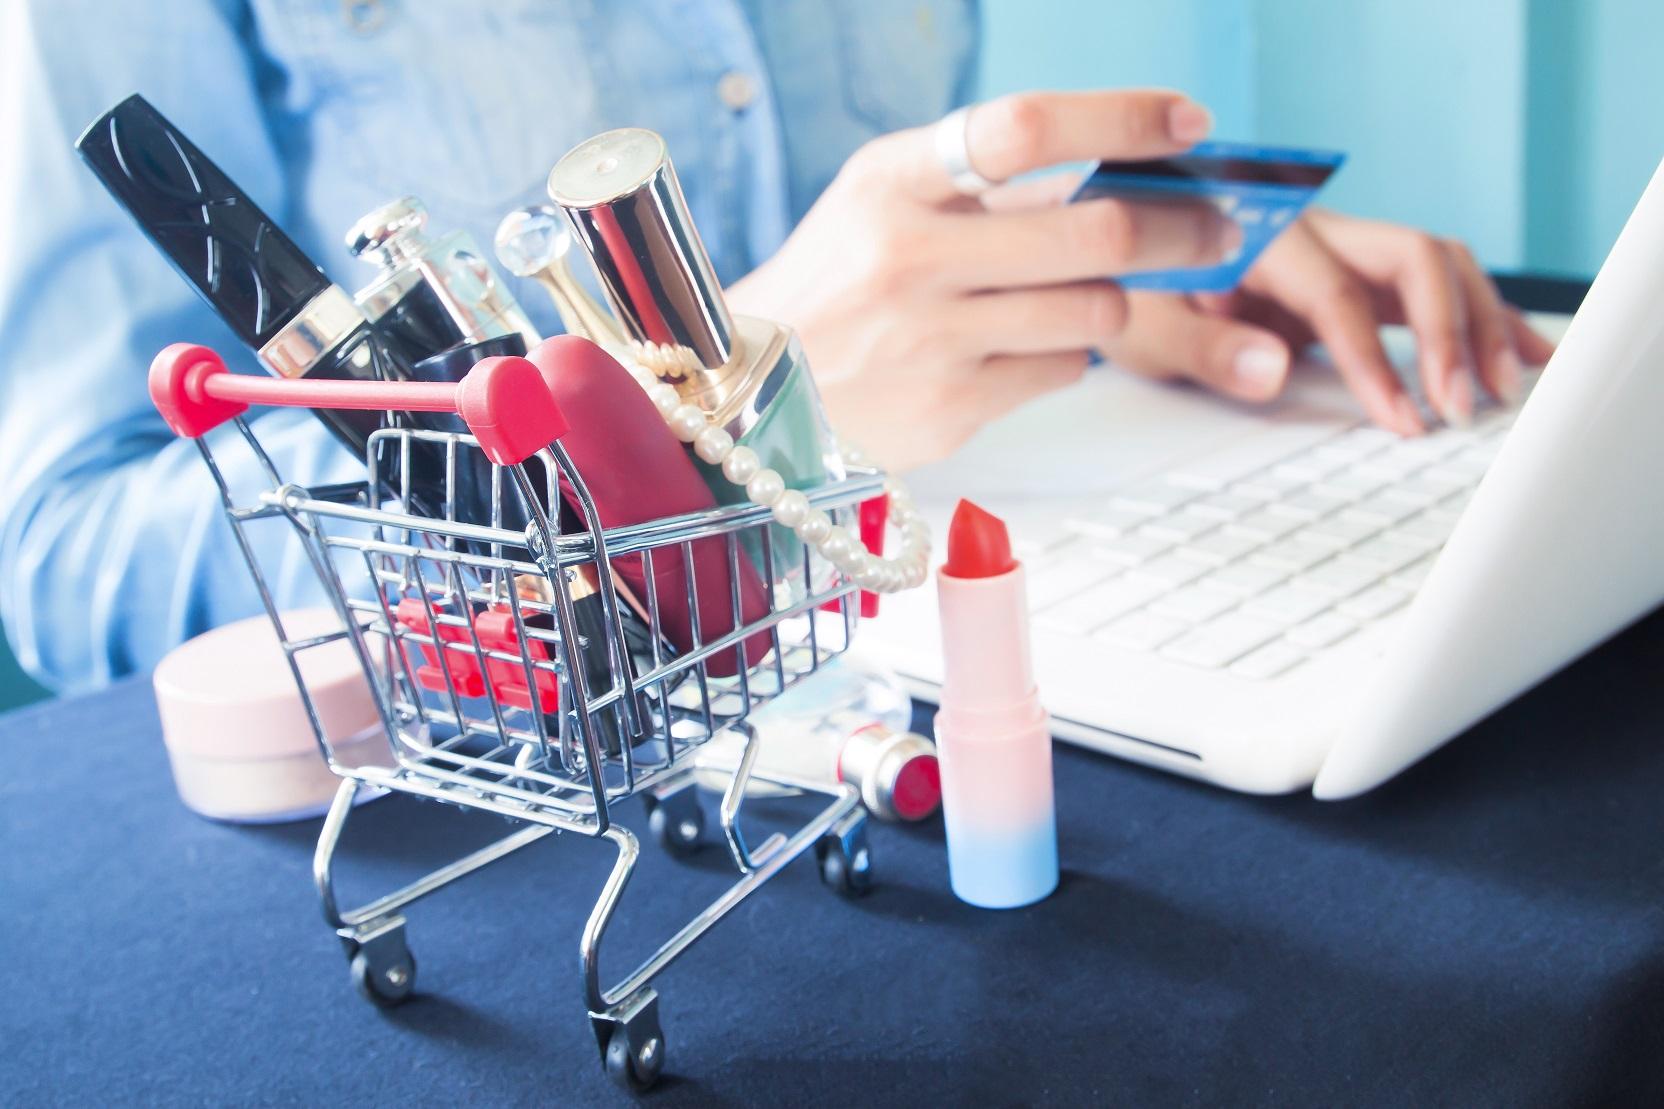 zakupy w drogerii internetowej